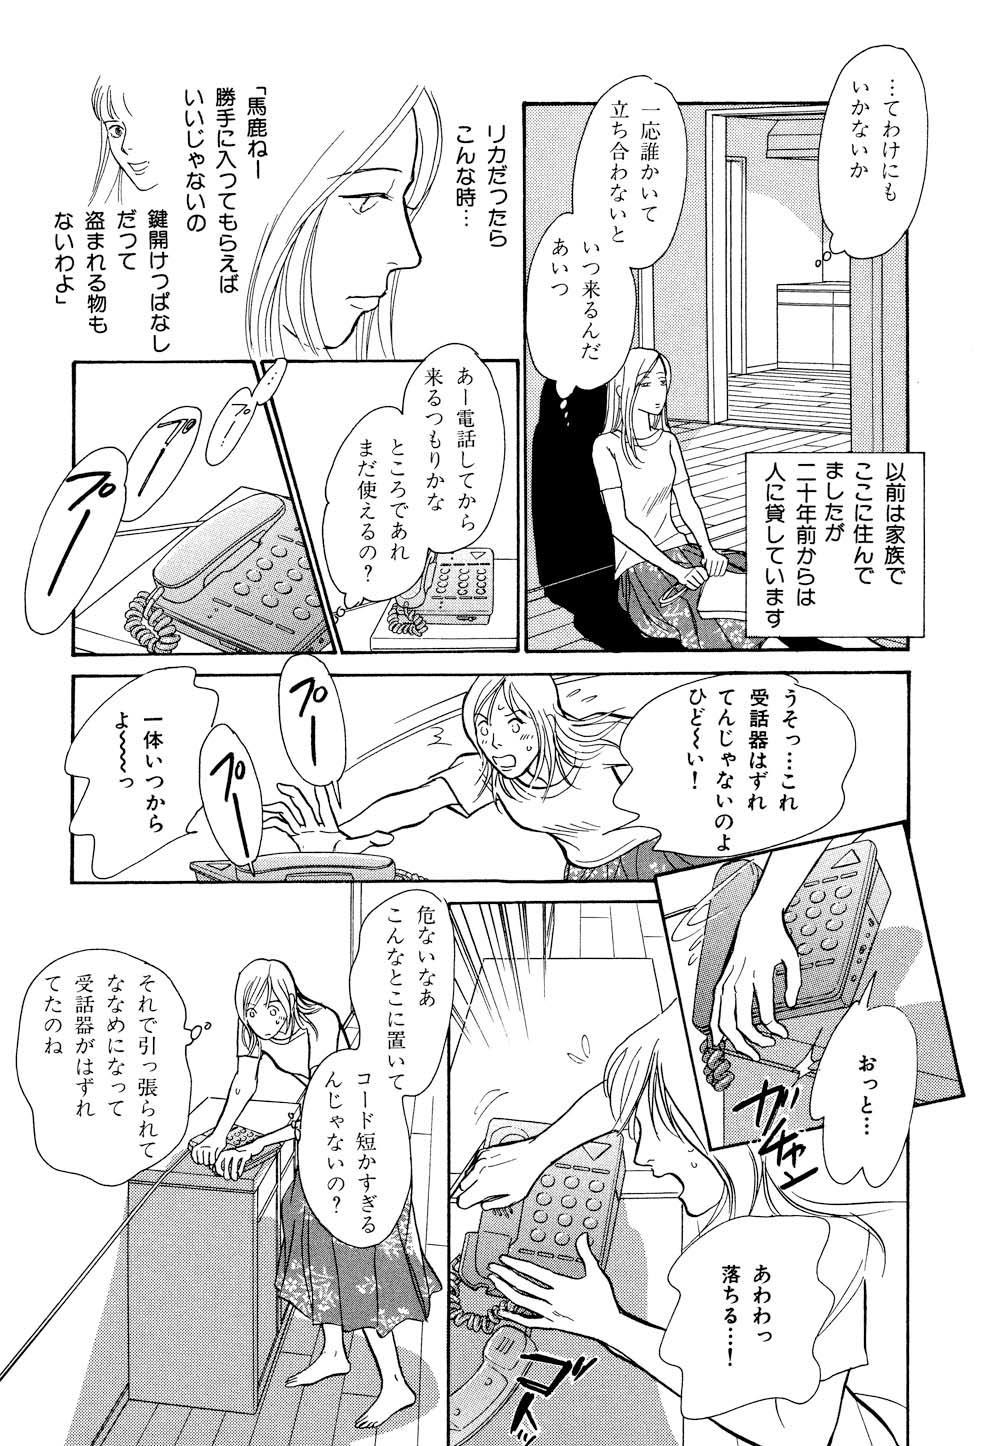 百鬼夜行抄_12_0159.jpg